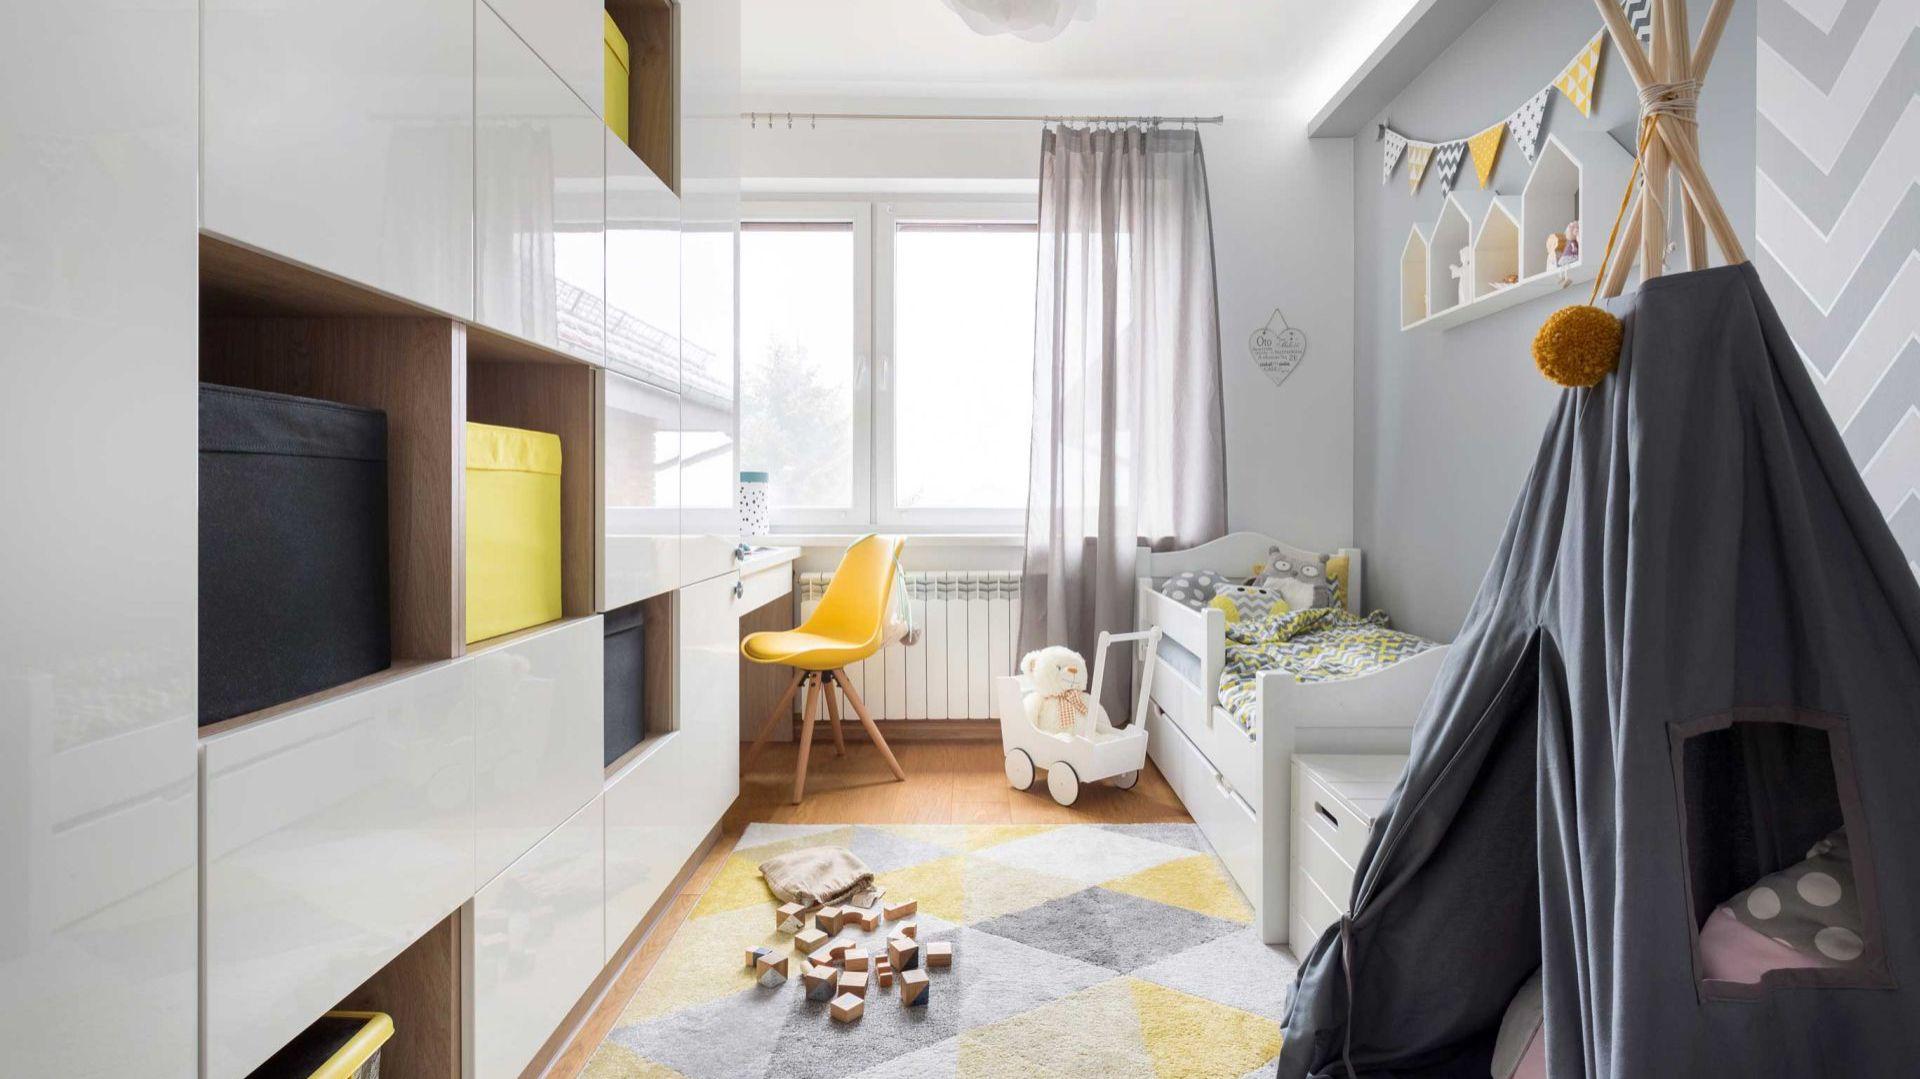 Projektantka pamiętała, że decydujący wpływ na ostateczny charakter wnętrza mają dodatki. Postawiła na różne odcienie żółci oraz szarości: żółte krzesło, kable żarówek, musztardowy pompon, chorągiewki, szaro-żółtą pościel czy dywan. Projekt i zdjęcia: Kamila Snela / Wnętrzomania